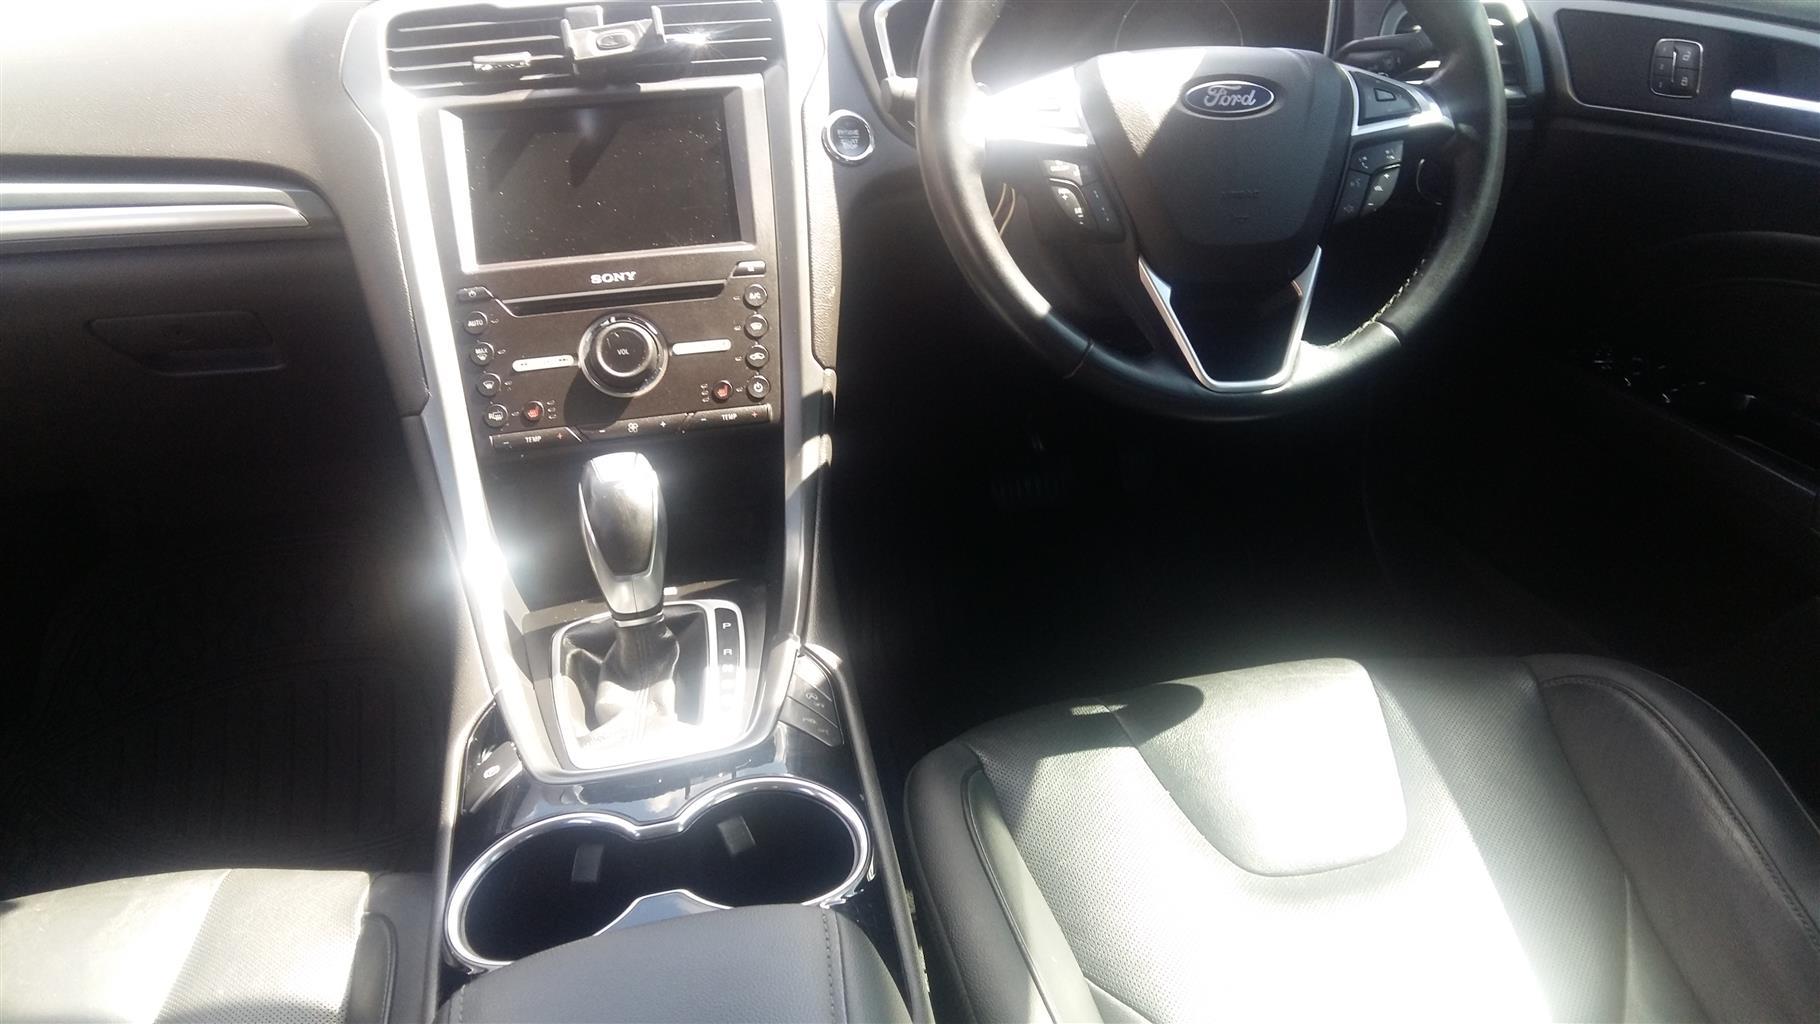 2015 Ford Fusion 2.0TDCi Titanium